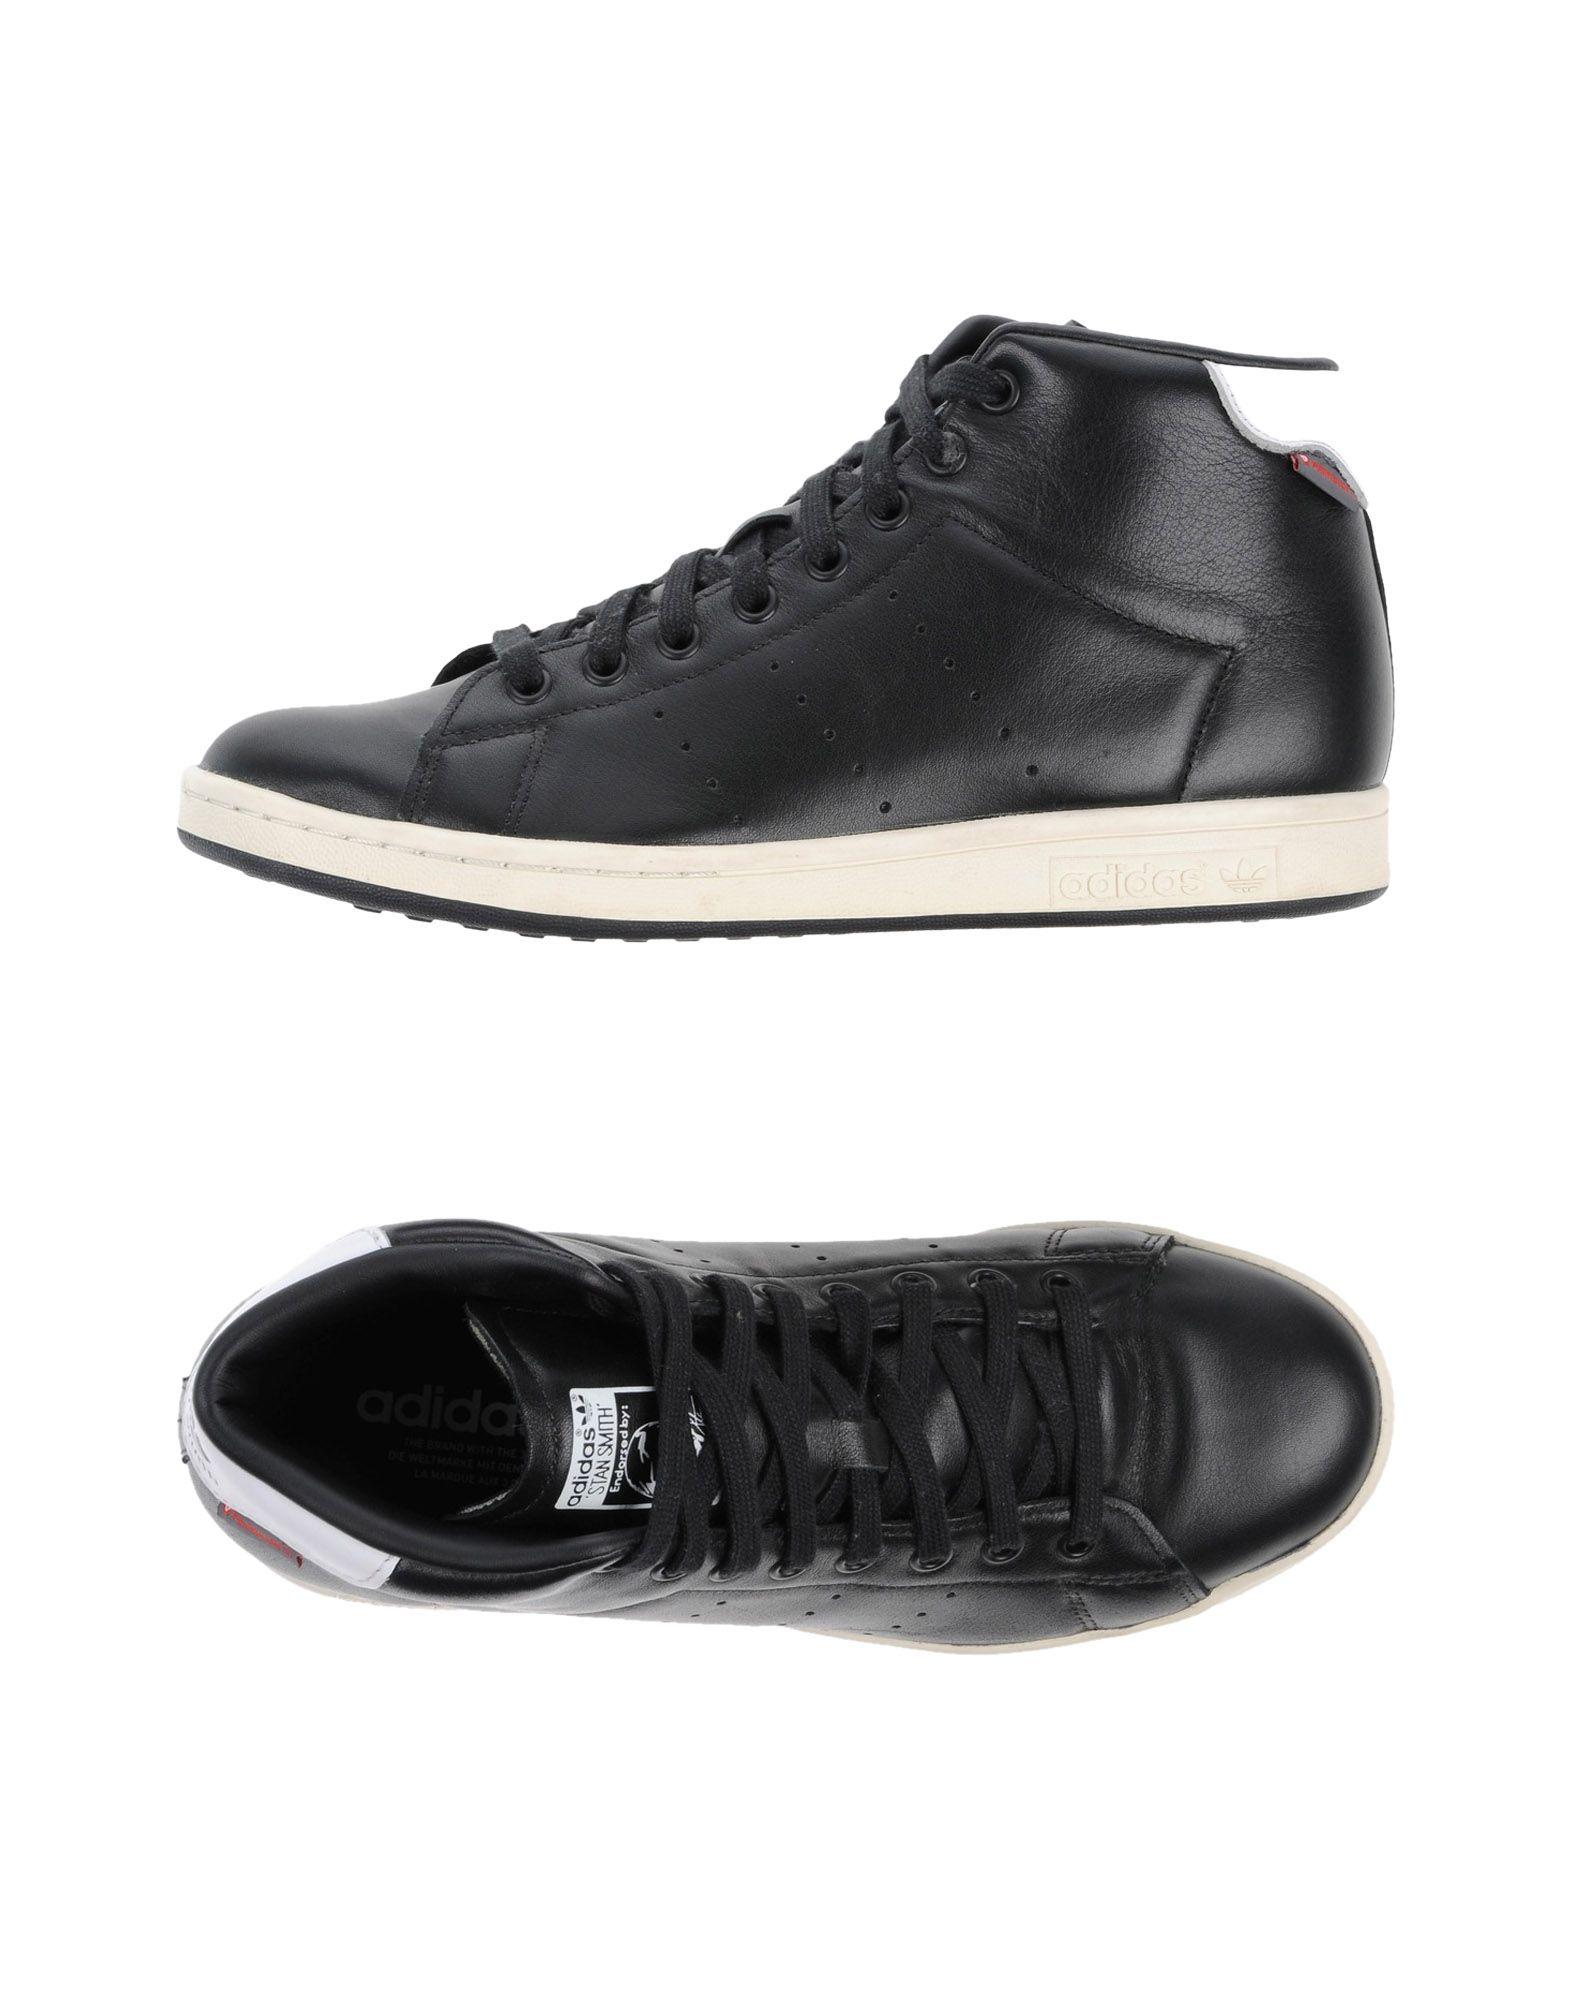 Rabatt Originals echte Schuhe Adidas Originals Rabatt Sneakers Herren  11253267LD ddf841